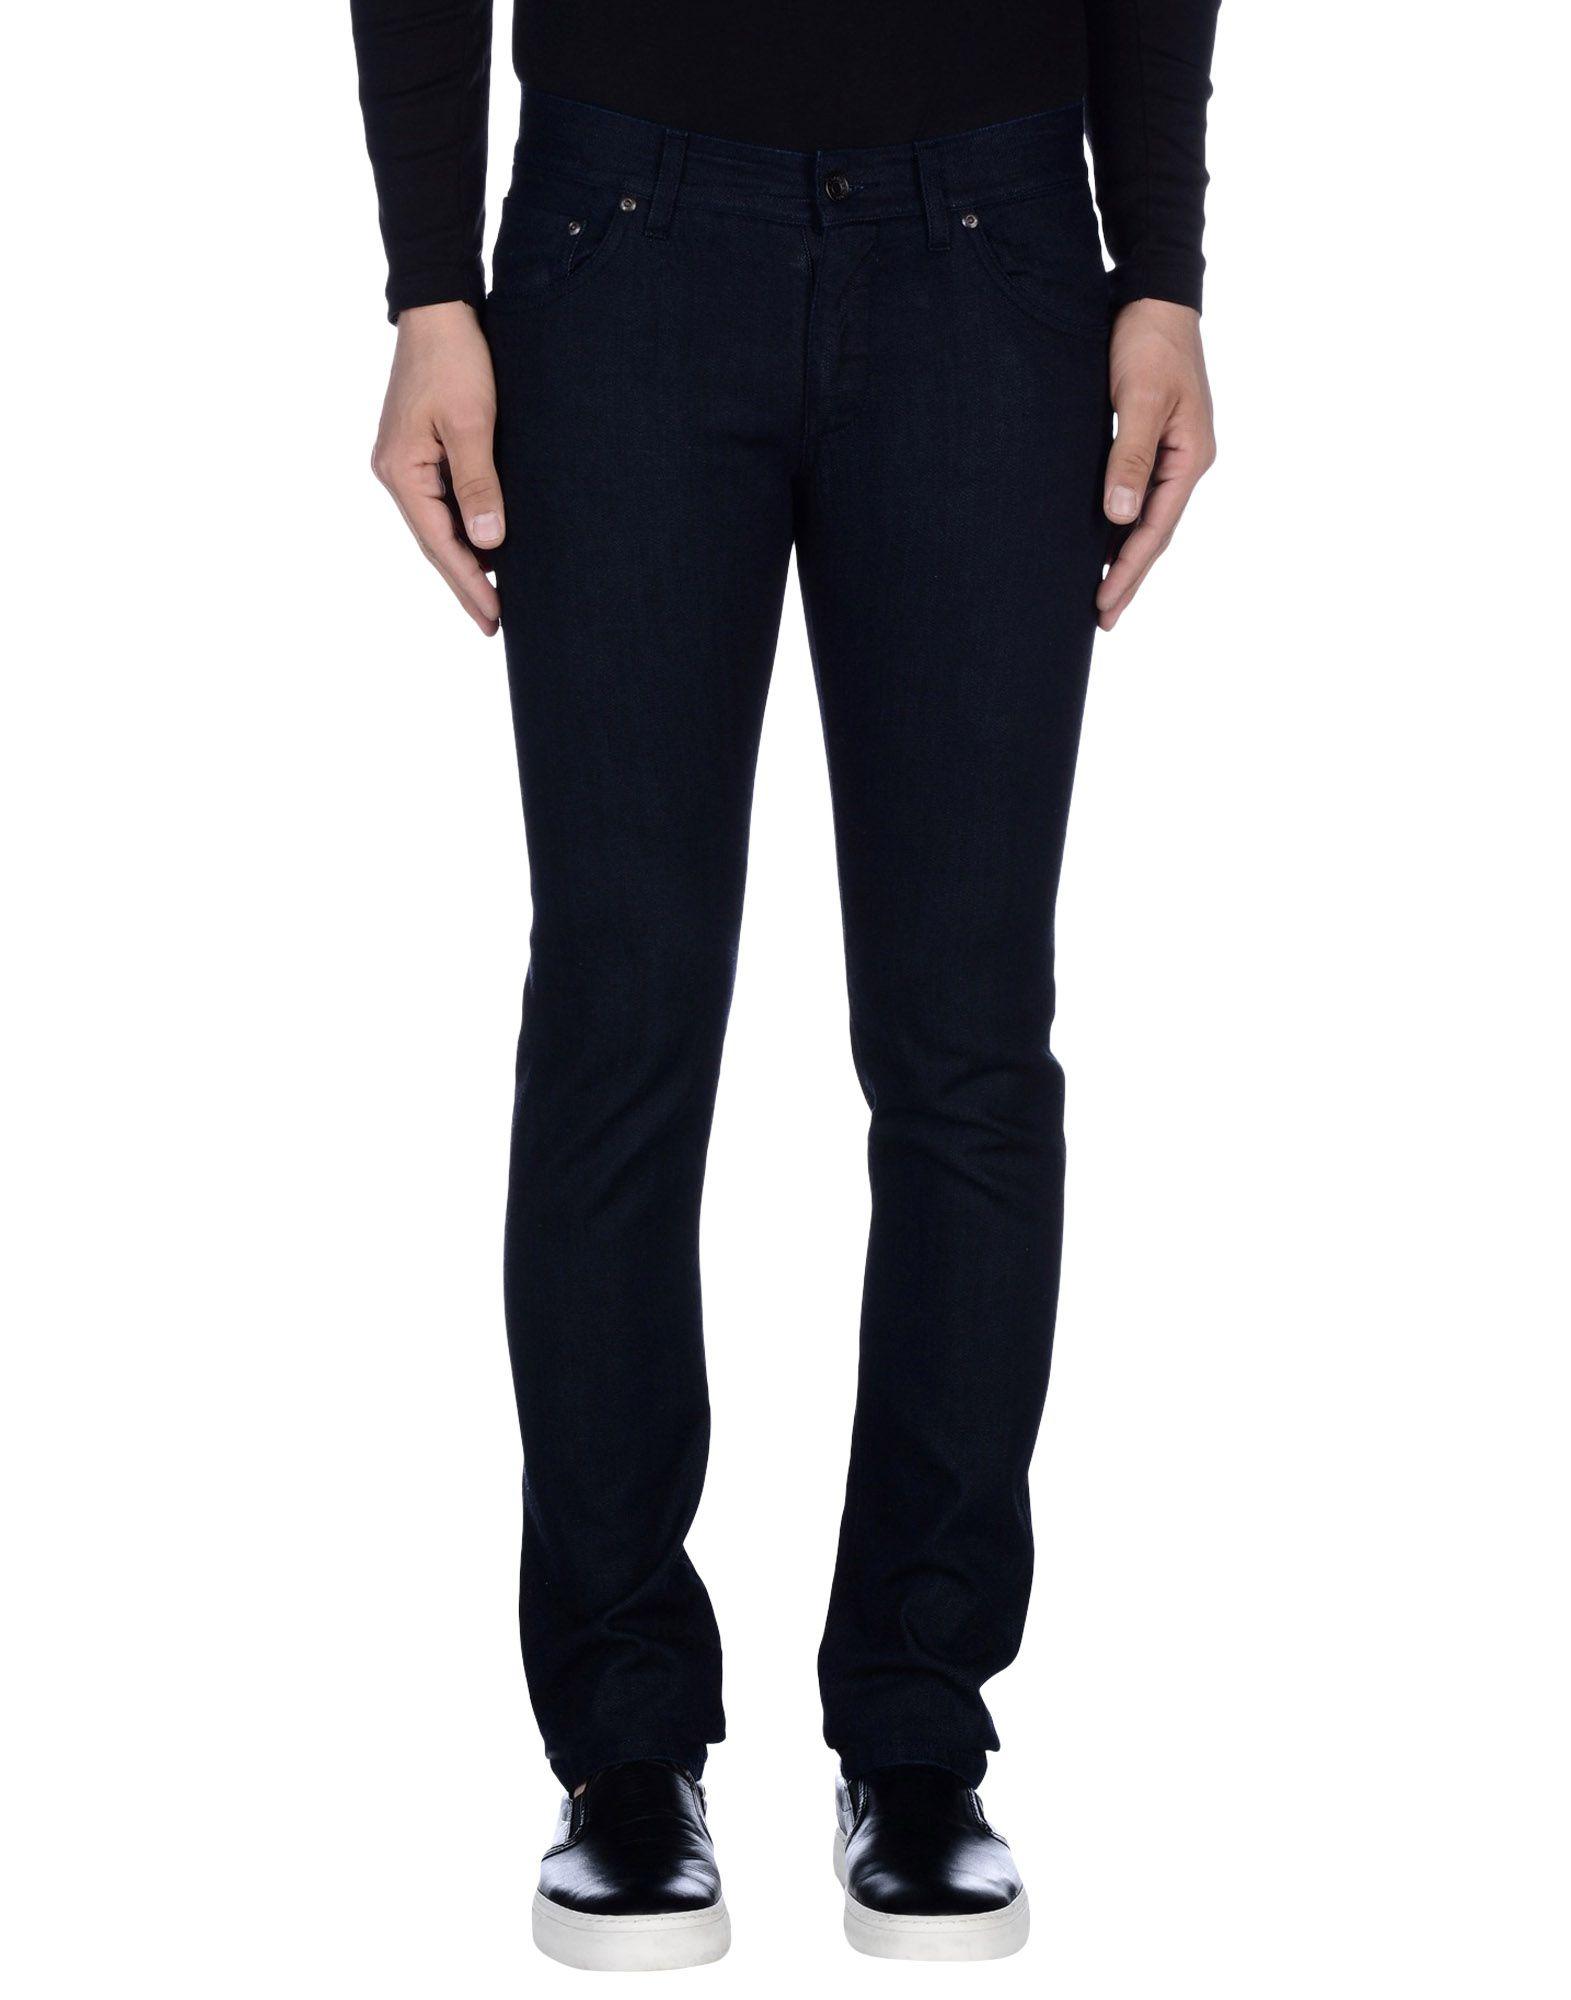 Pantaloni Jeans Dolce & 42515935PW Gabbana Uomo - 42515935PW & df0018